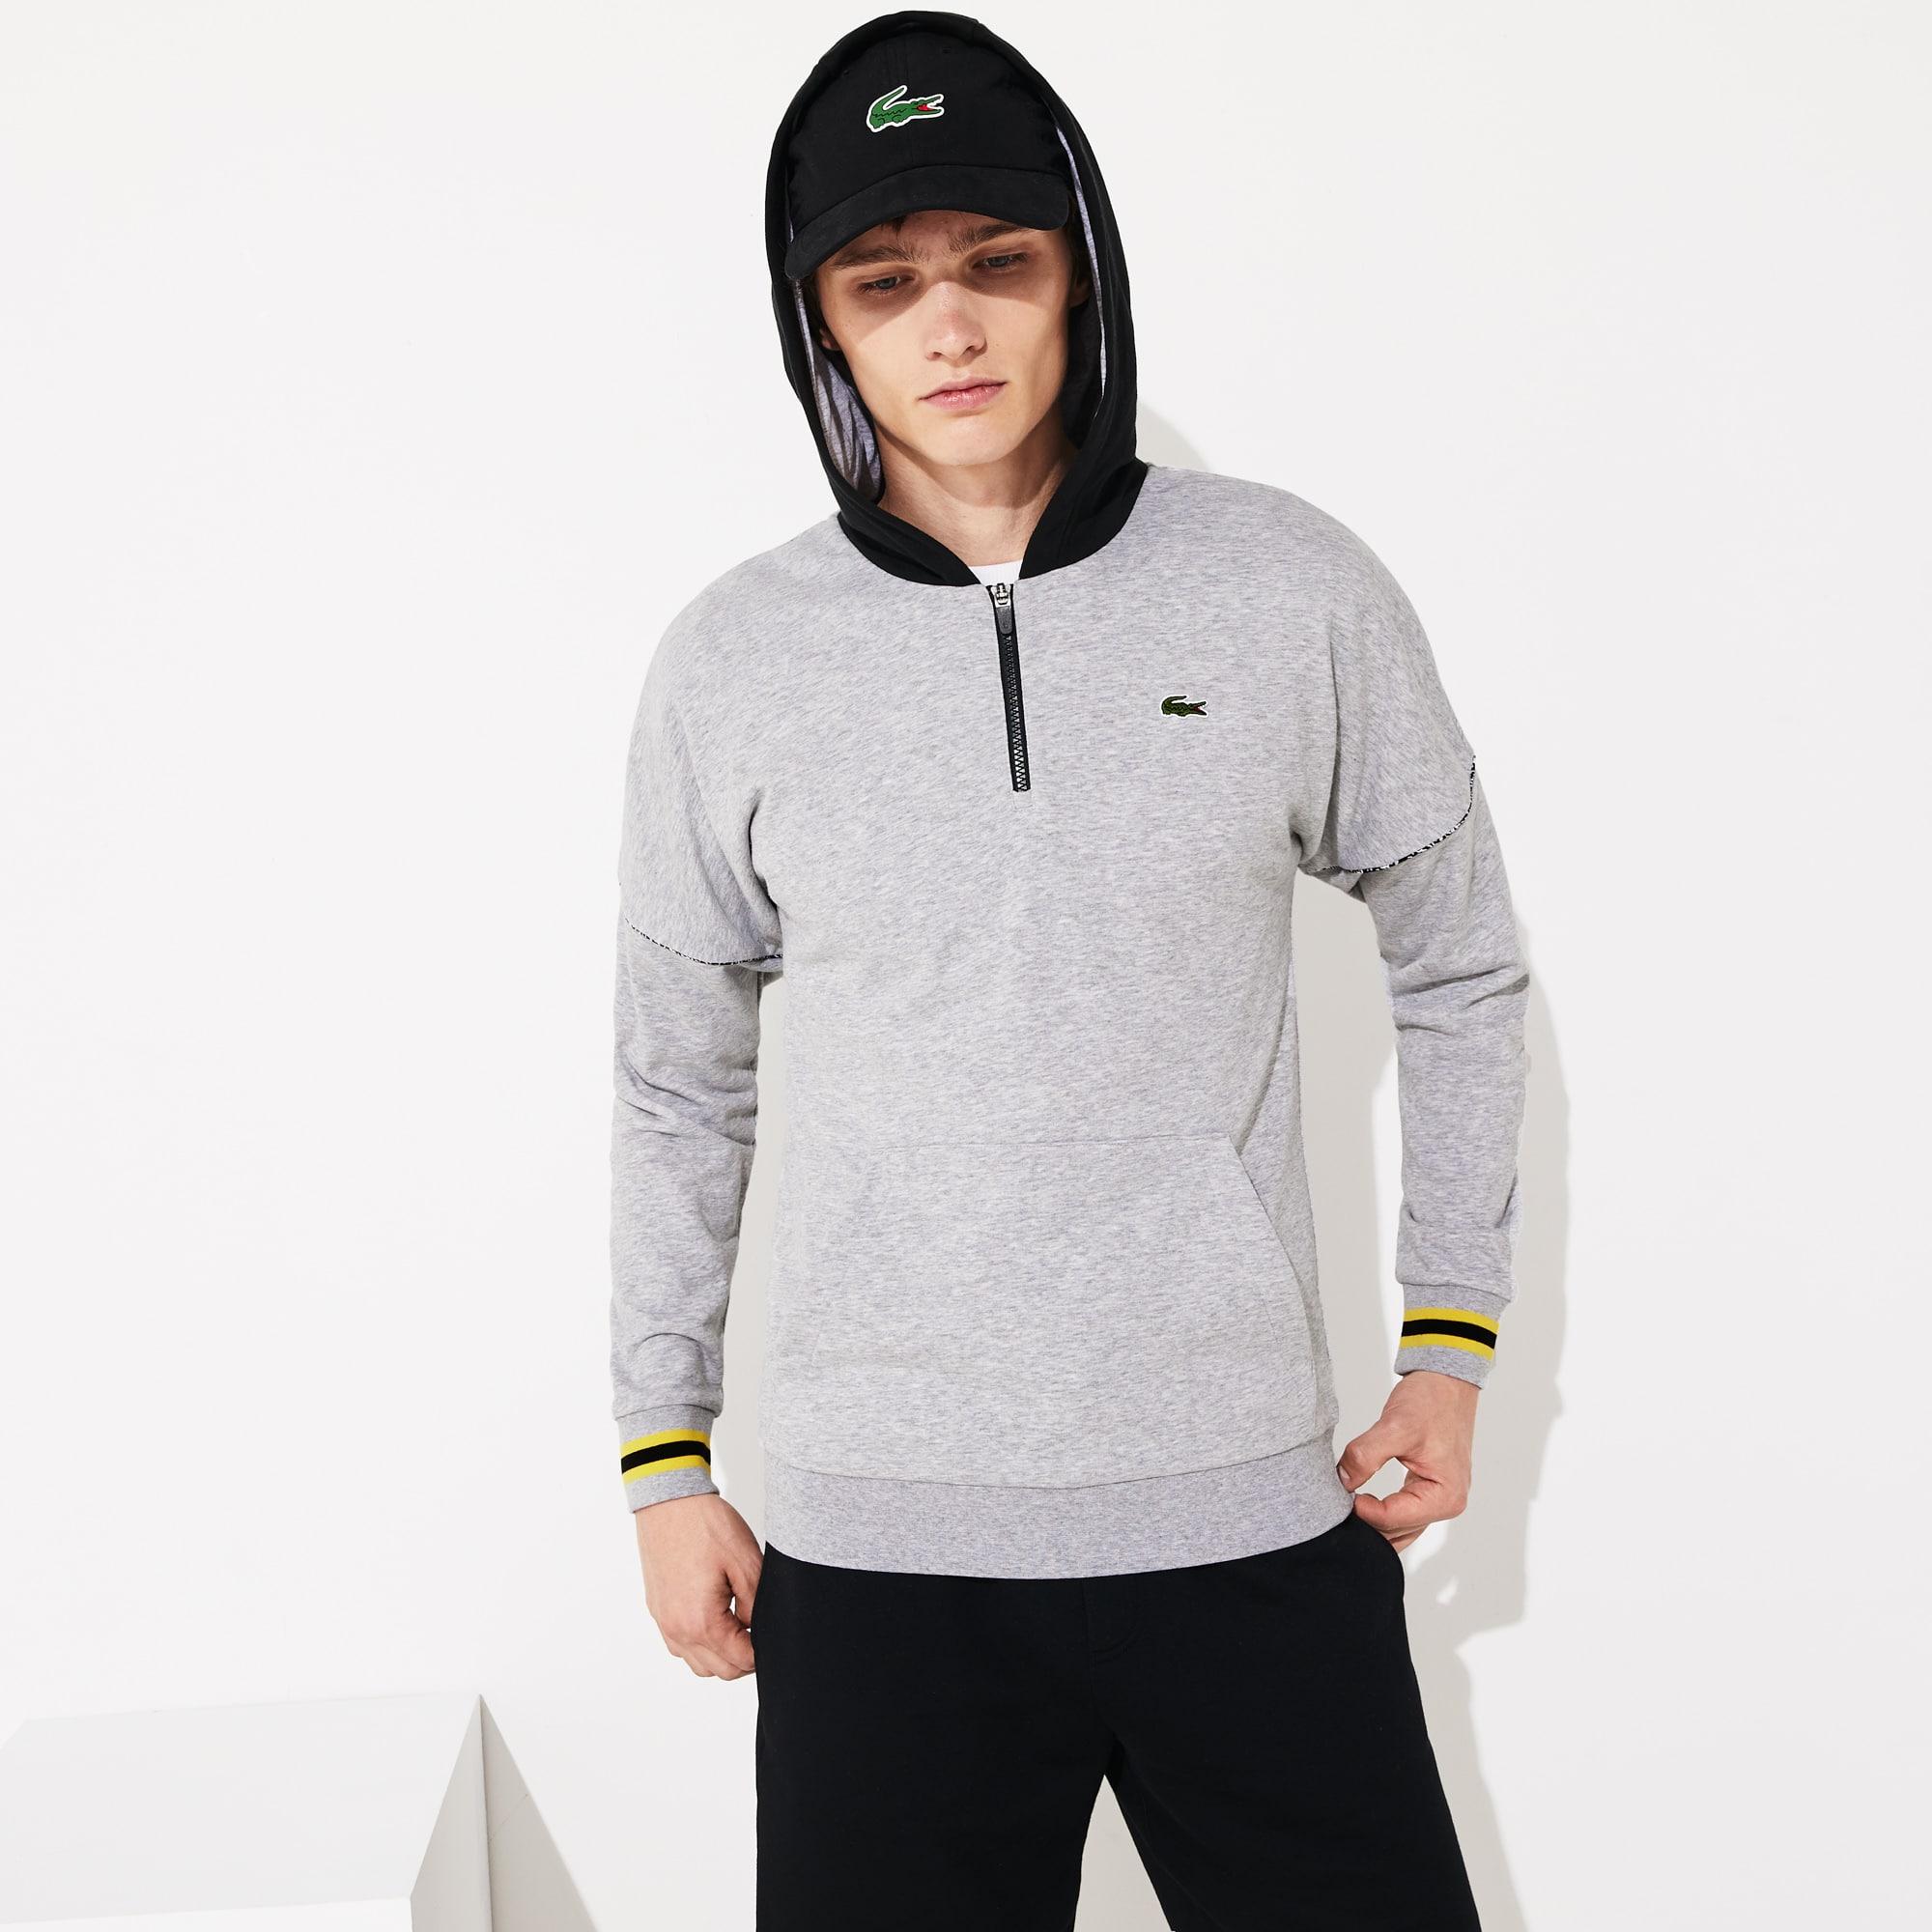 라코스테 스포츠 하프 집업 후드티 Lacoste Mens SPORT Contrast-Hood Fleece Sweatshirt,Grey Chine / Black / Yellow / White - YAB (Selecte